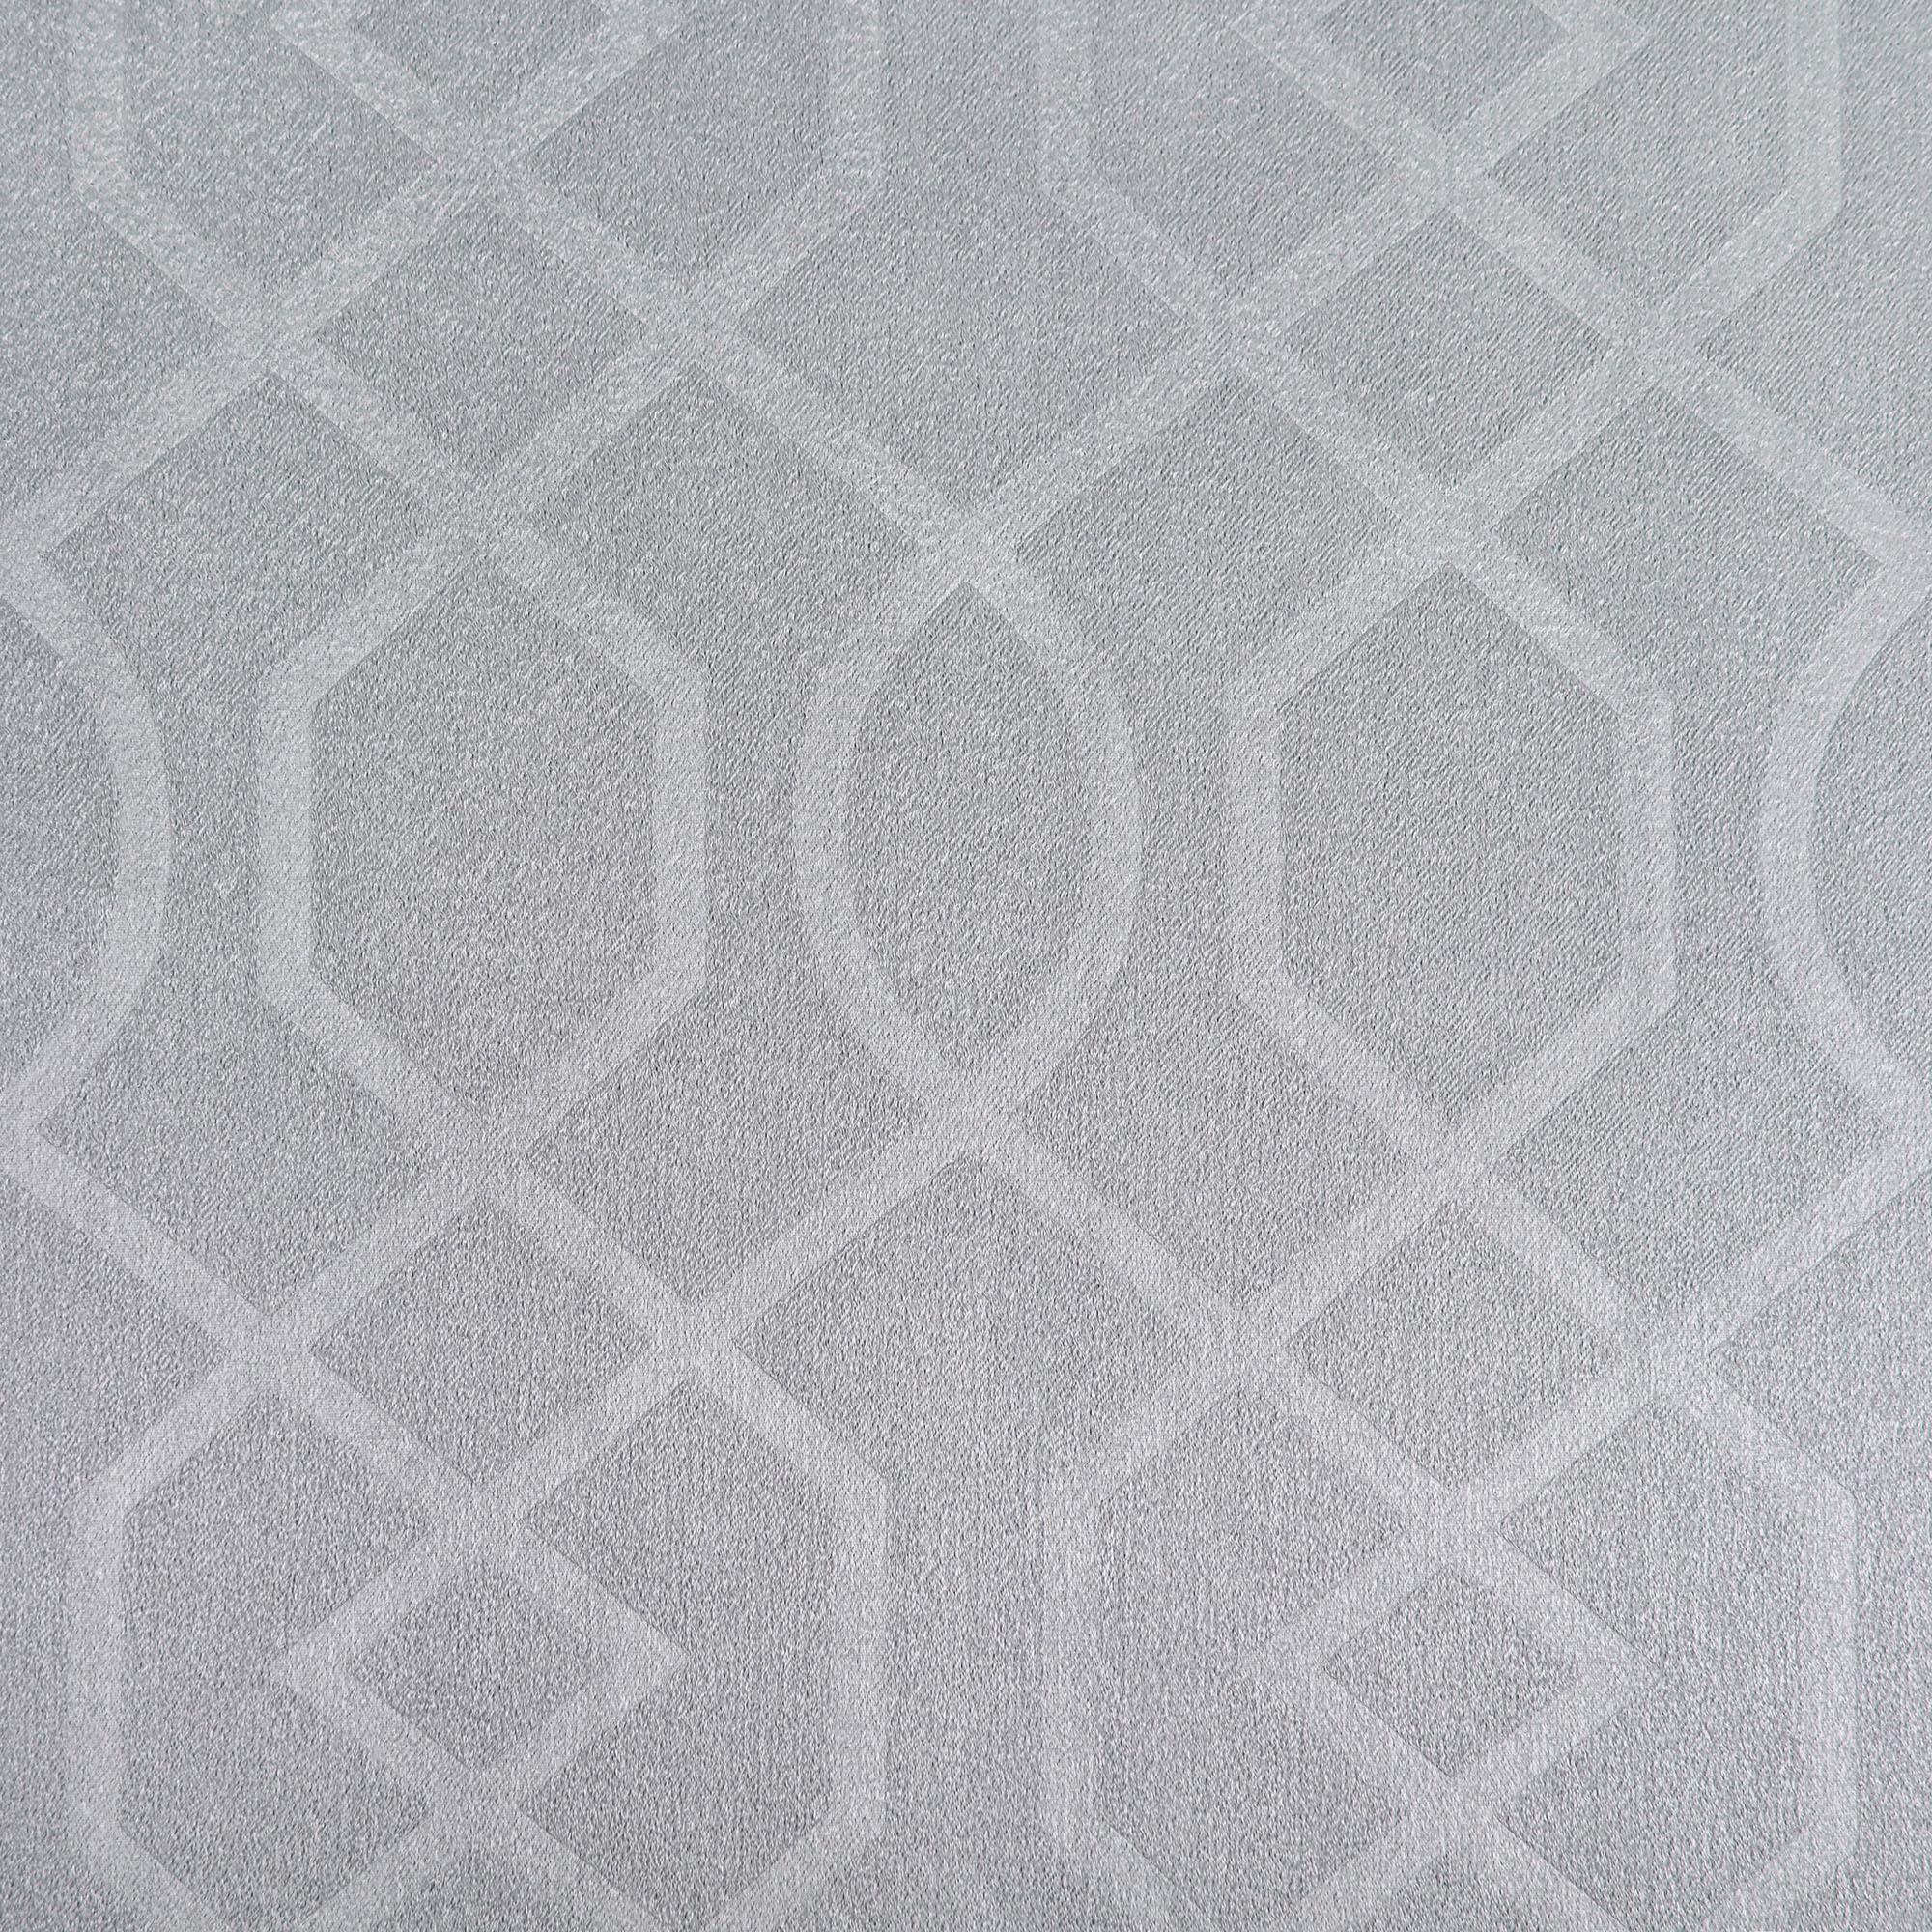 """Sun+block Thermal Weave Embossed Blackout Grommet Single Curtain Panel 42""""x84"""" Regarding Embossed Thermal Weaved Blackout Grommet Drapery Curtains (View 20 of 20)"""